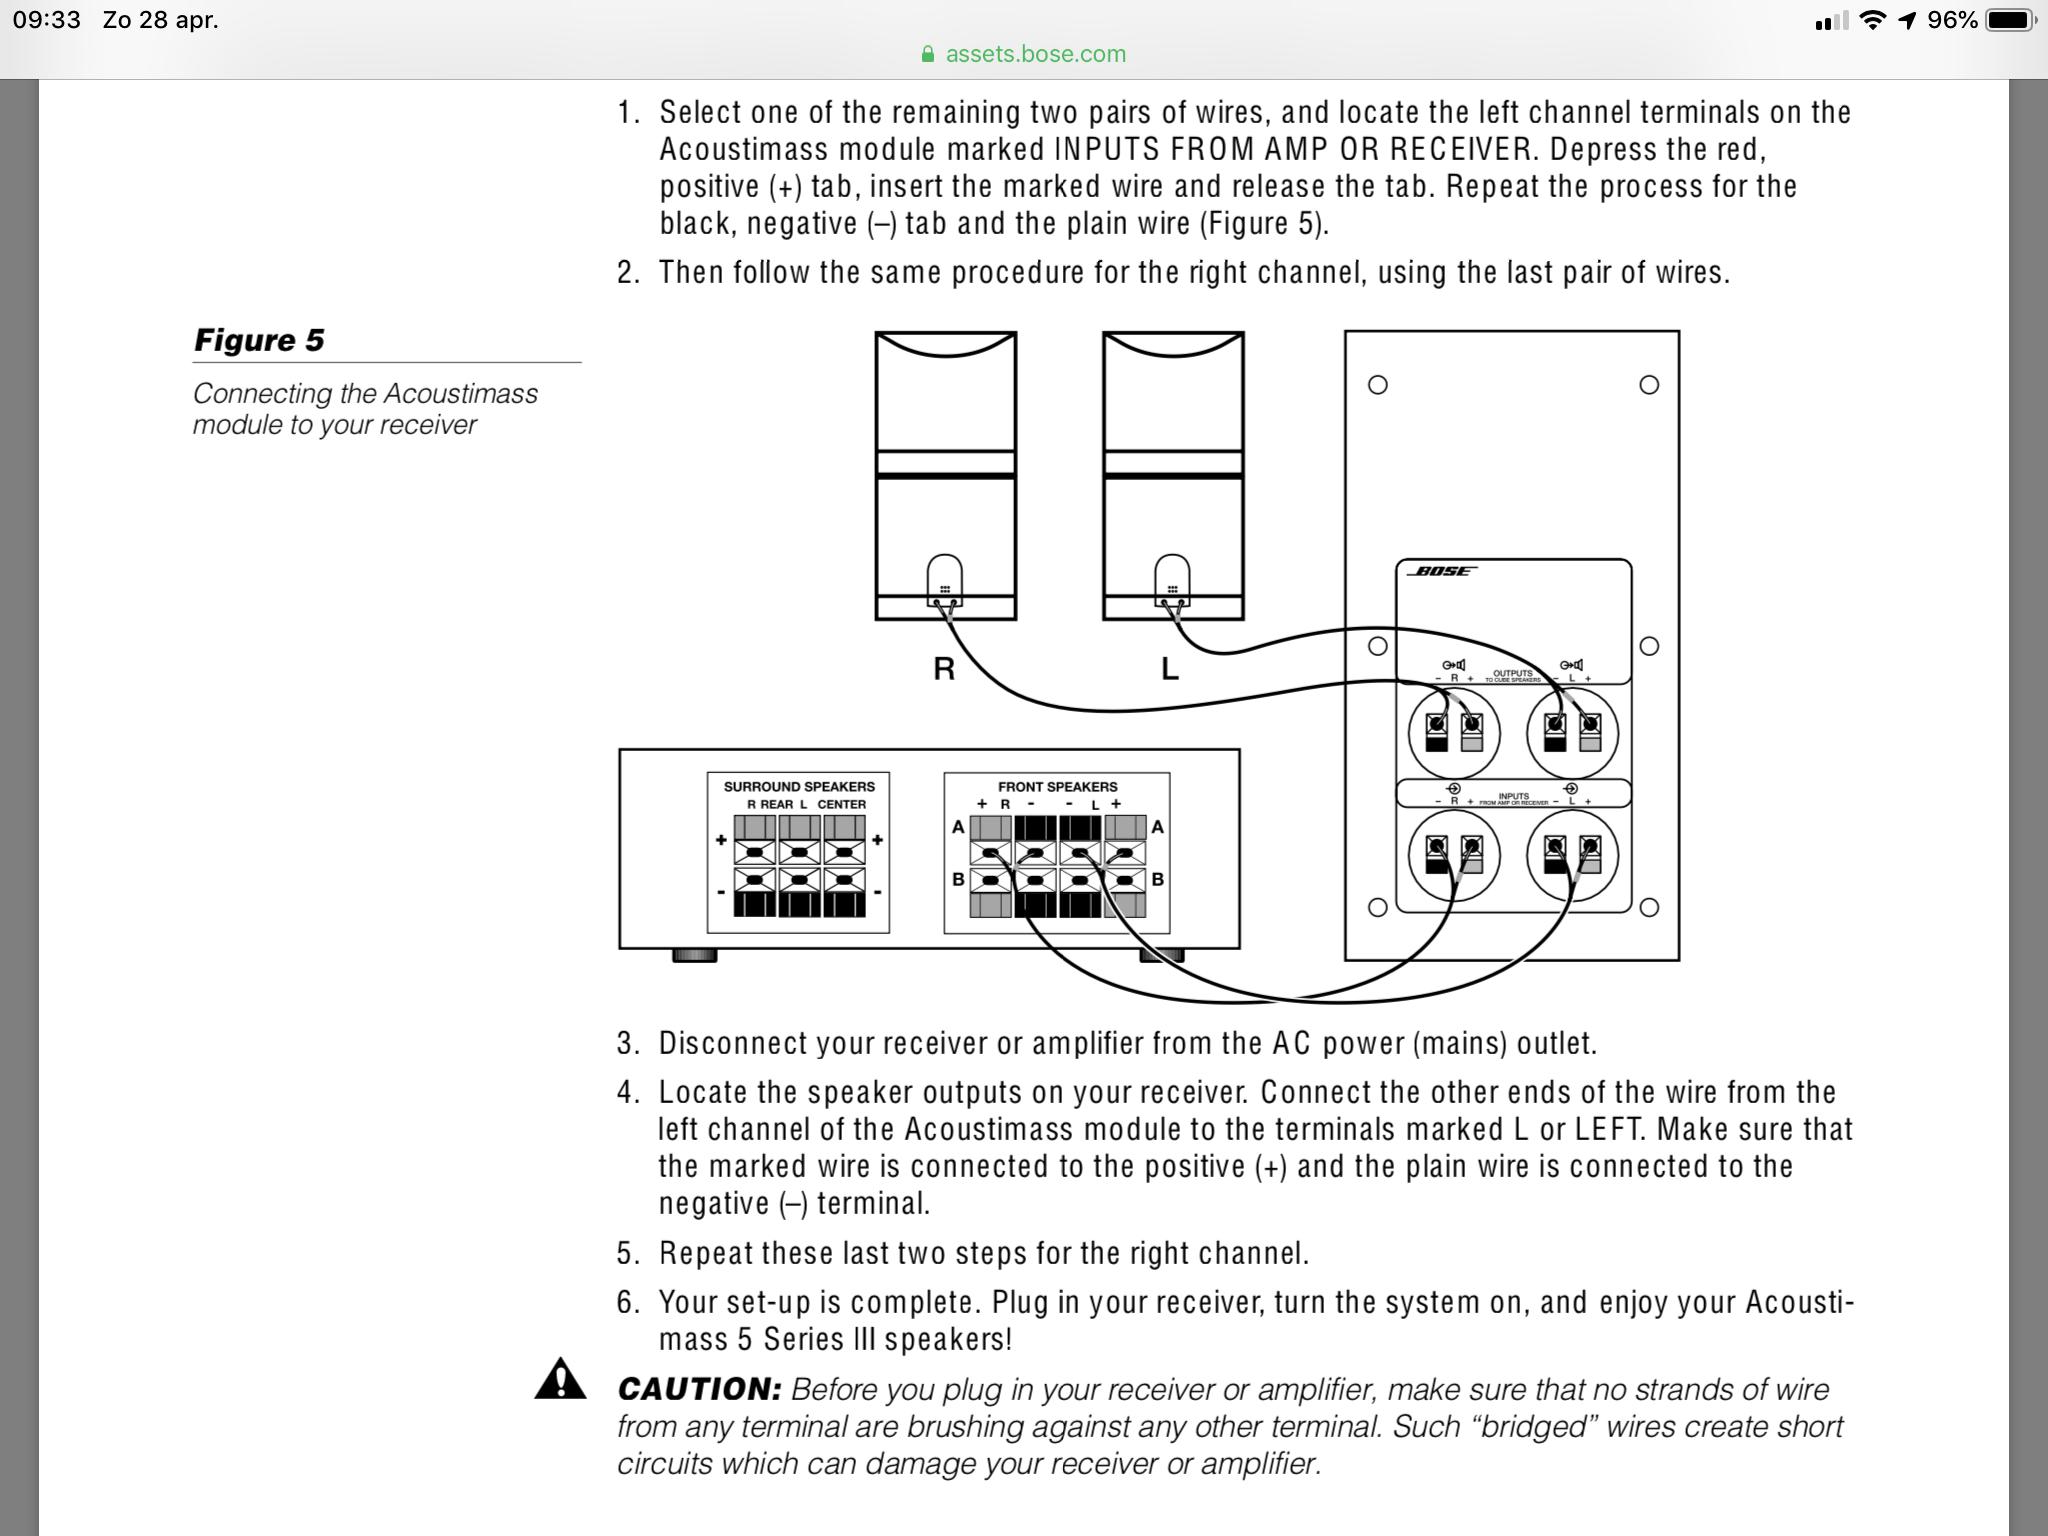 Wiring Diagram Bose Acoustimass Ht - Forklift Wiring Diagram -  fuses-boxs.kankubuktikan.jeanjaures37.frWiring Diagram Resource